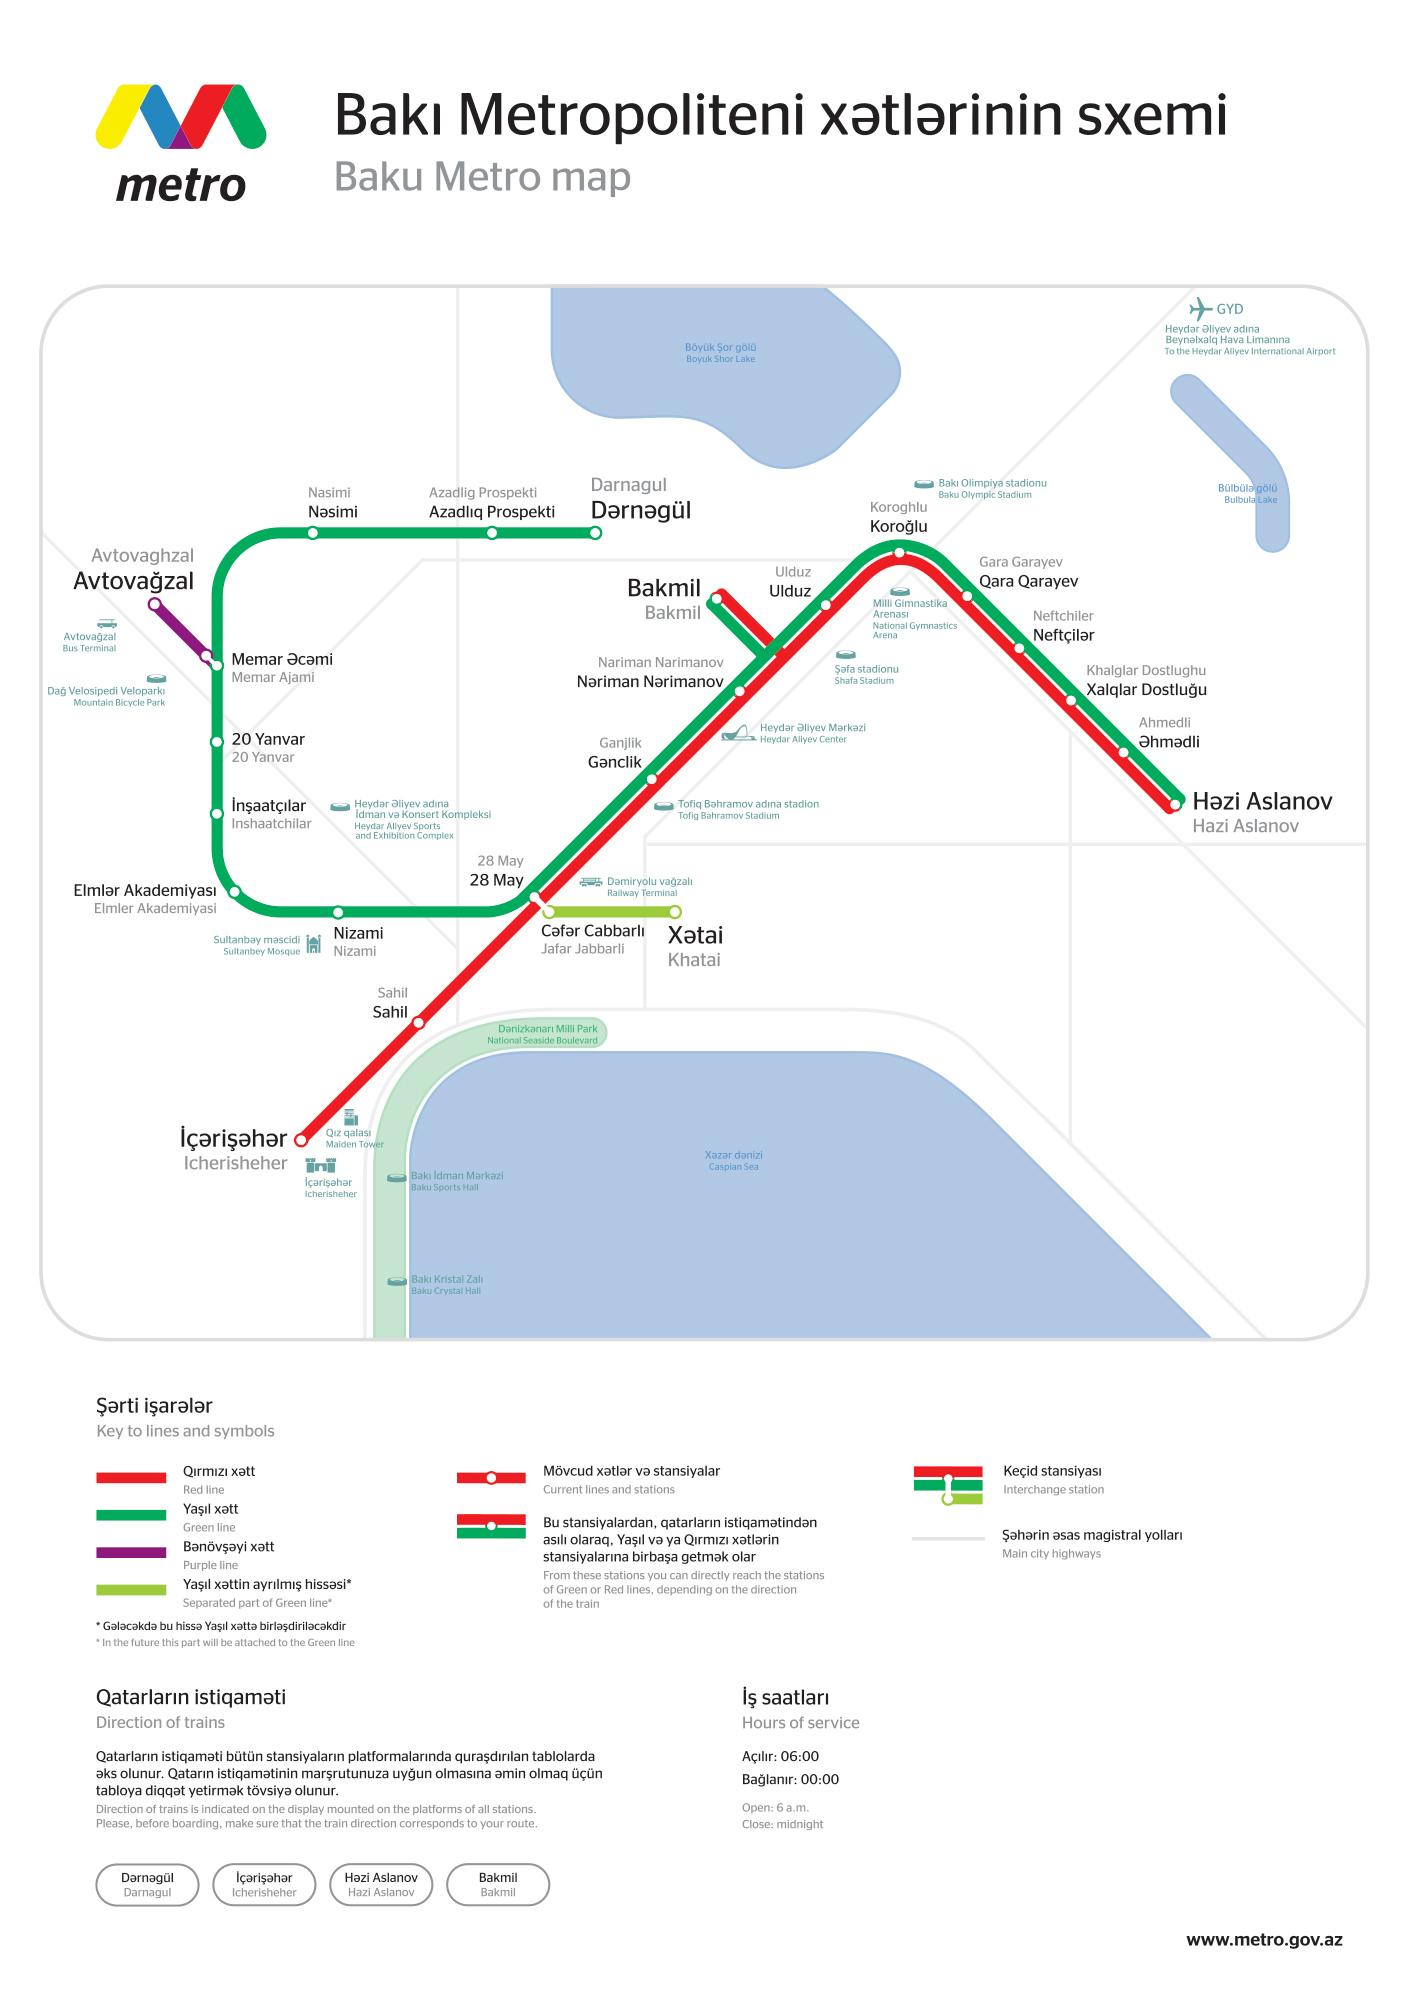 схема метро лос-анджелеса 2013